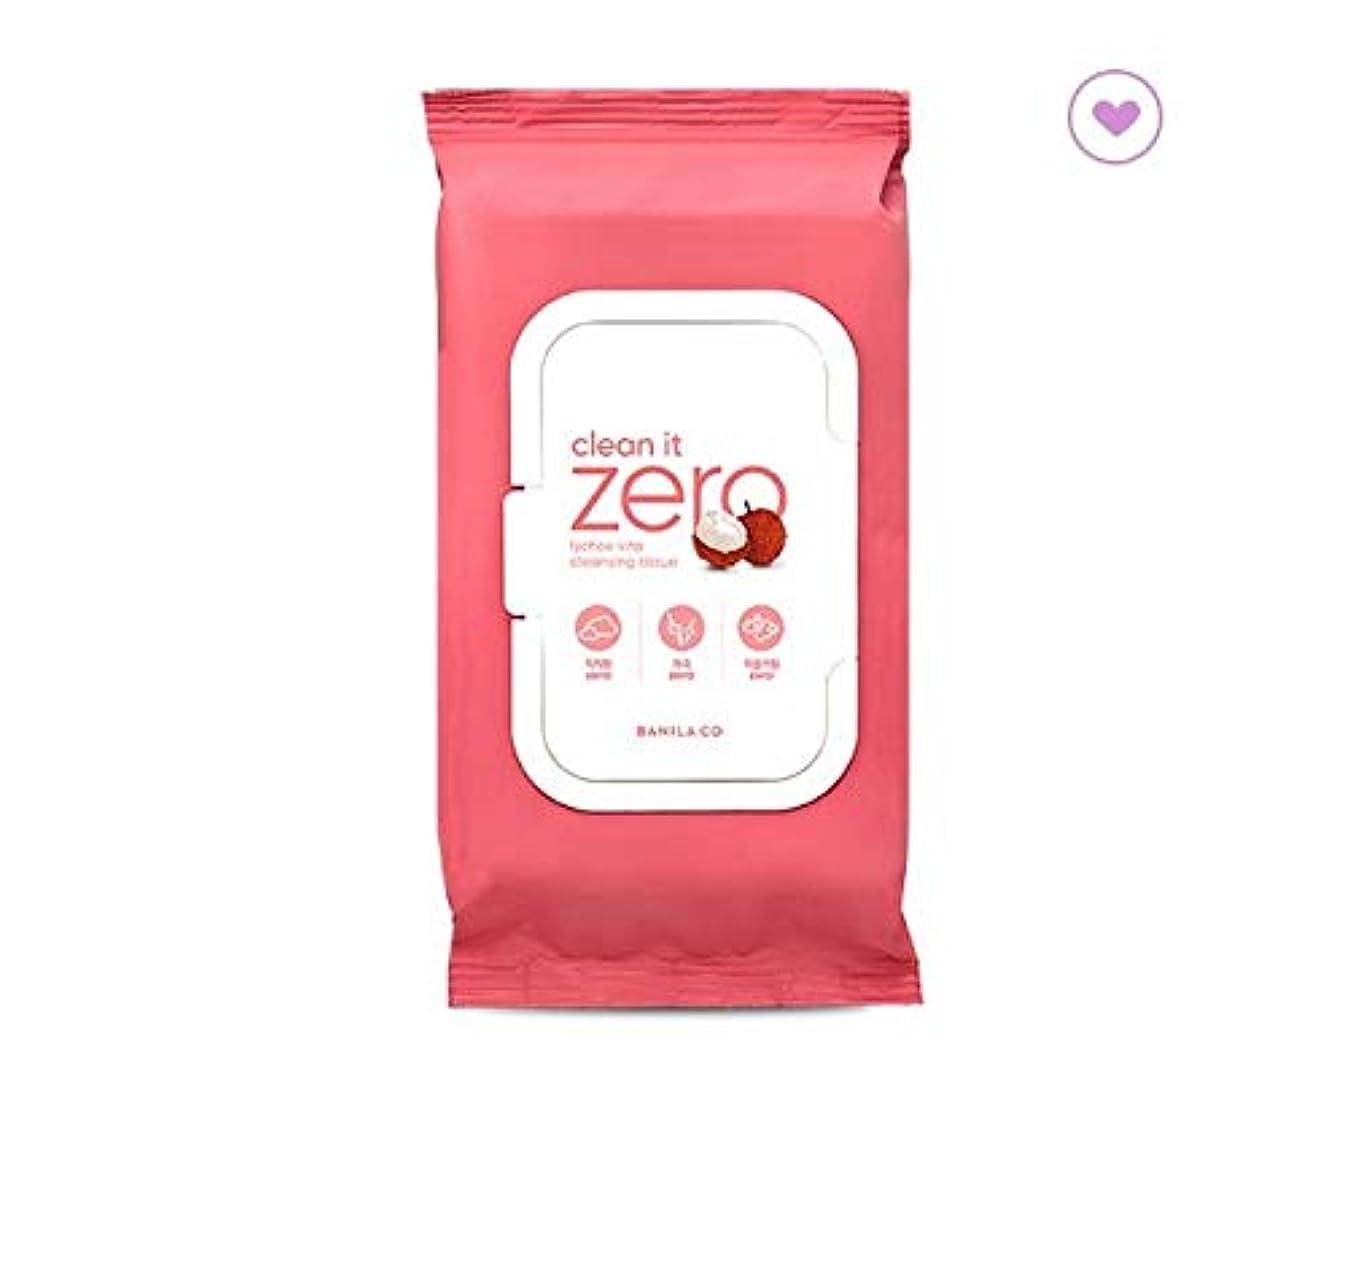 強化差別タイマーbanilaco クリーンイットゼロライチヴィータクレンジングティッシュ80枚 / Clean It Zero Lychee Vita Cleansing Tissue 80 sheets (430g) [並行輸入品]